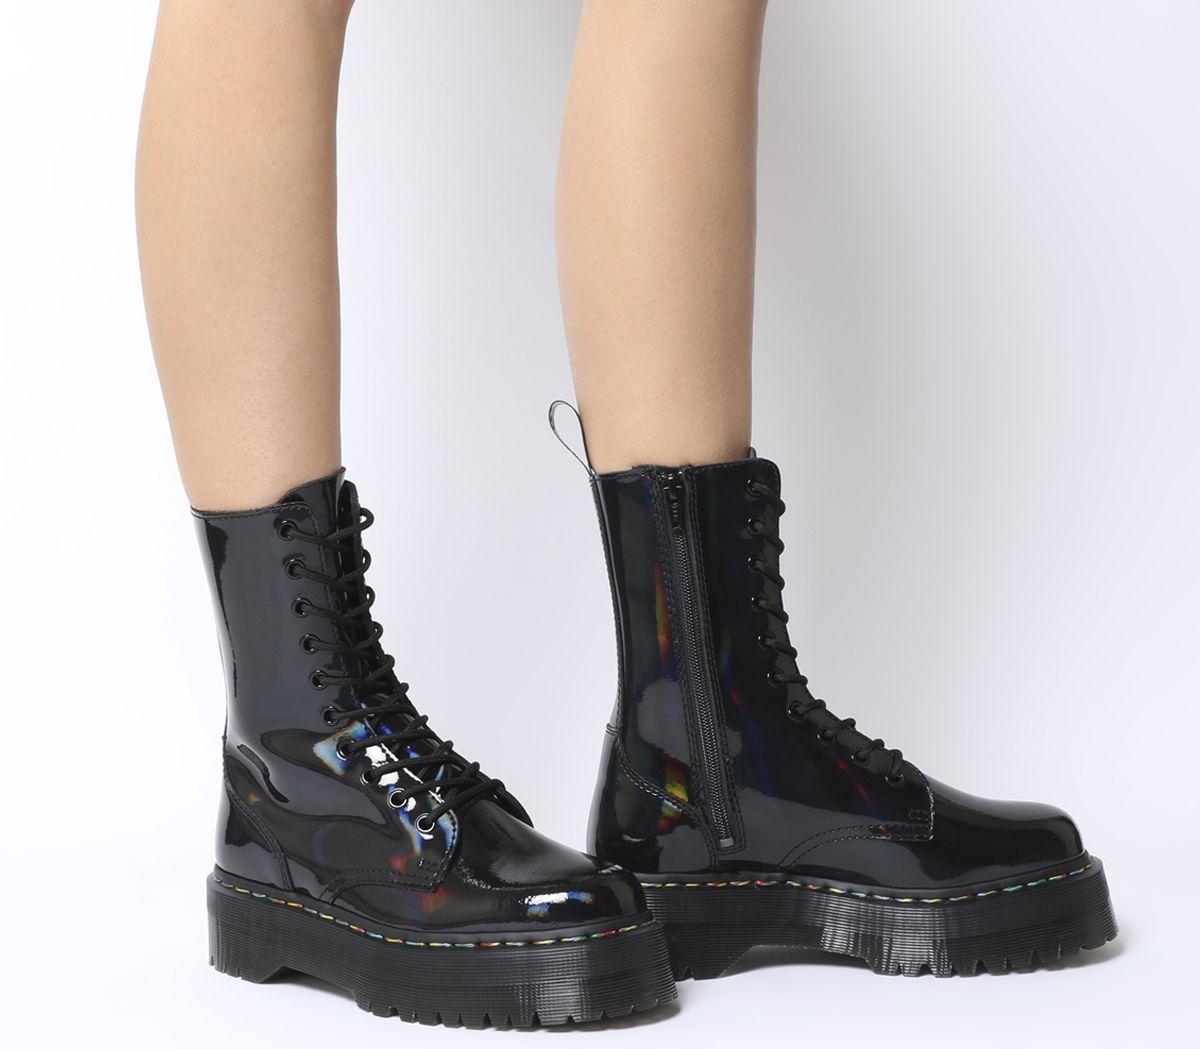 online store b14e8 c1d1b Dr. Martens Jadon Hi Boots Black Rainbow - Ankle Boots